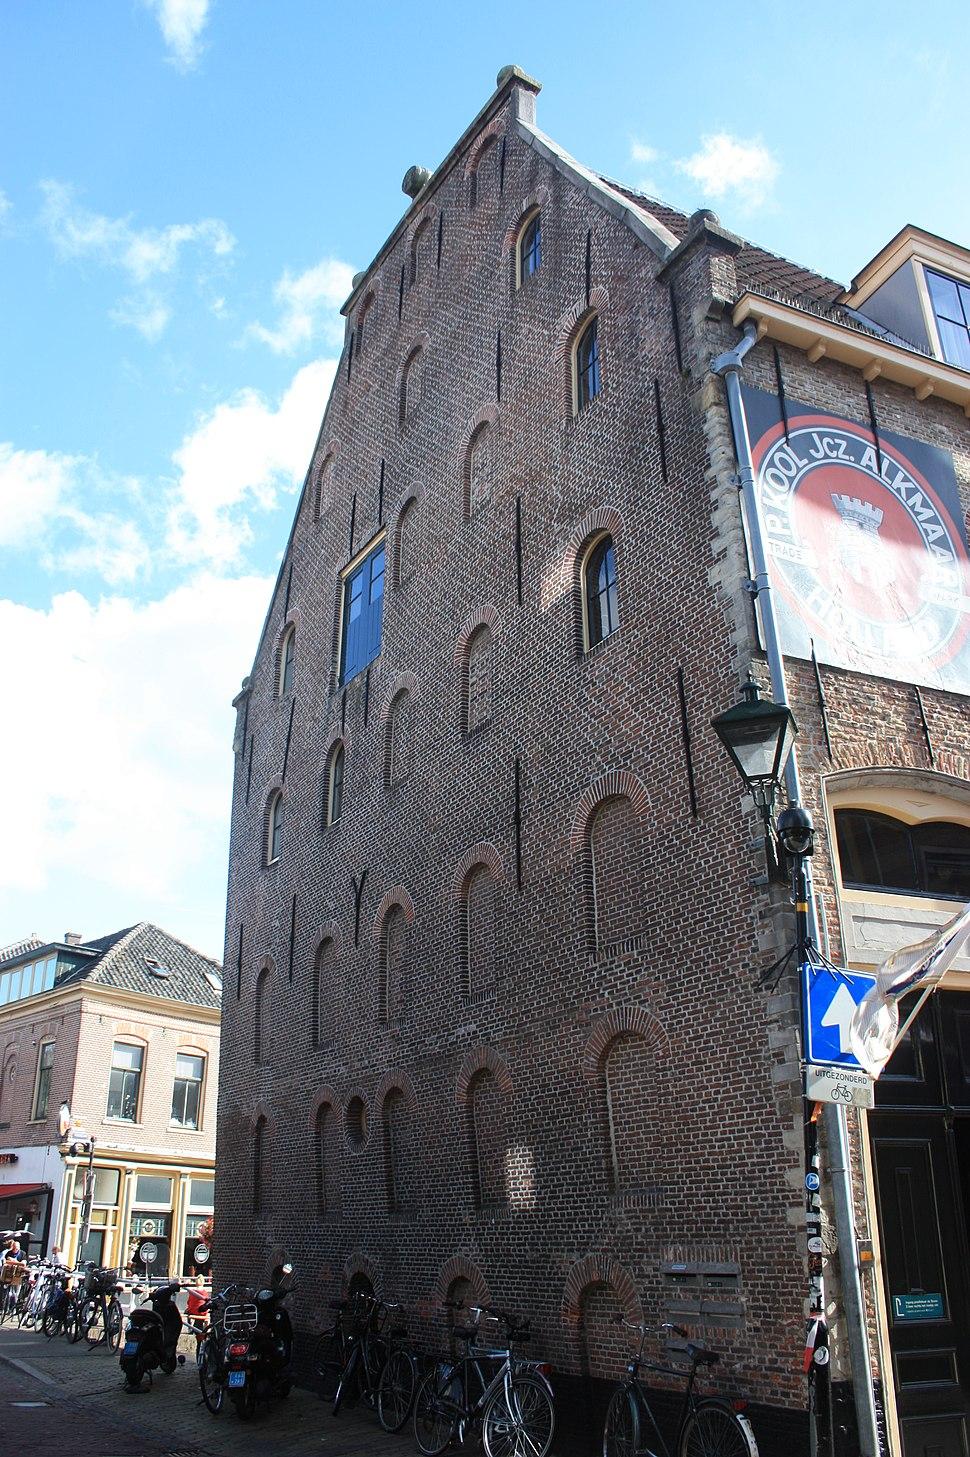 North gable of the Beer Museum in Alkmaar